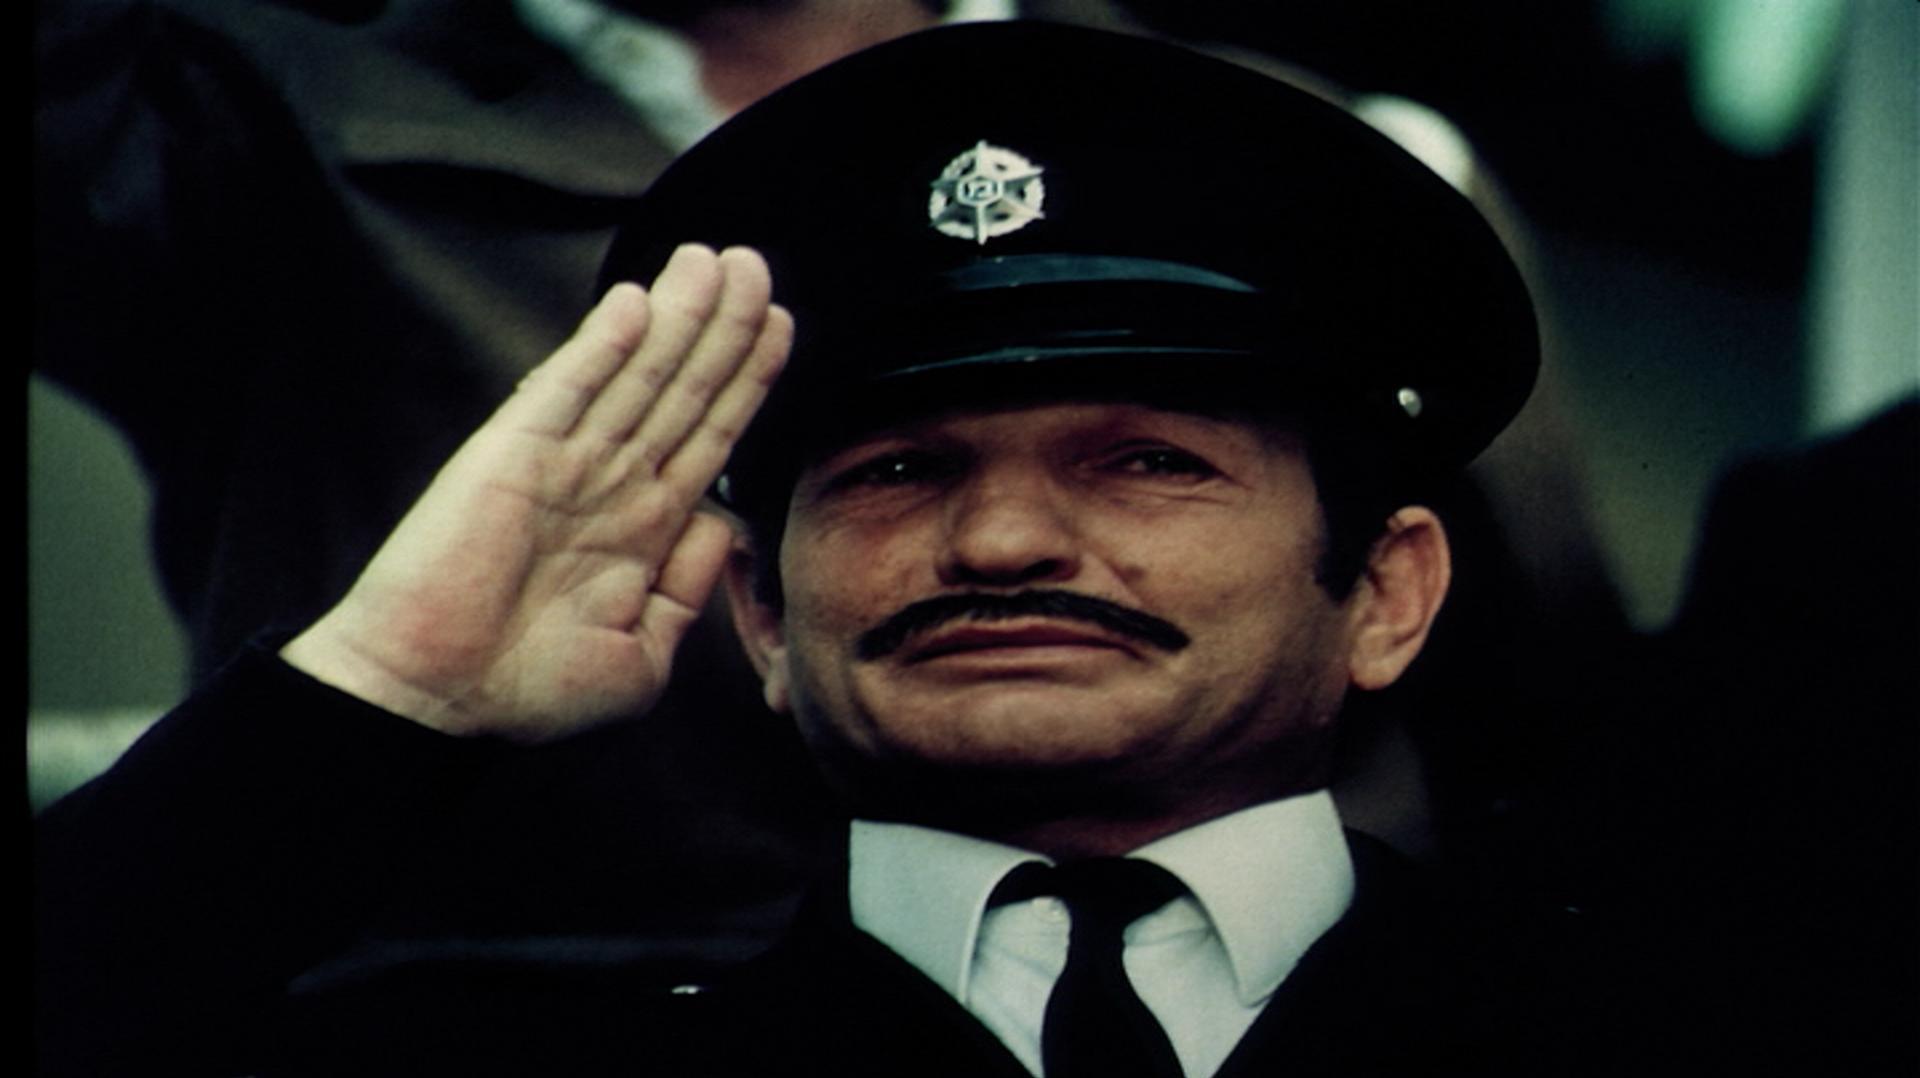 השוטר אזולאי. יונייטד קינג,